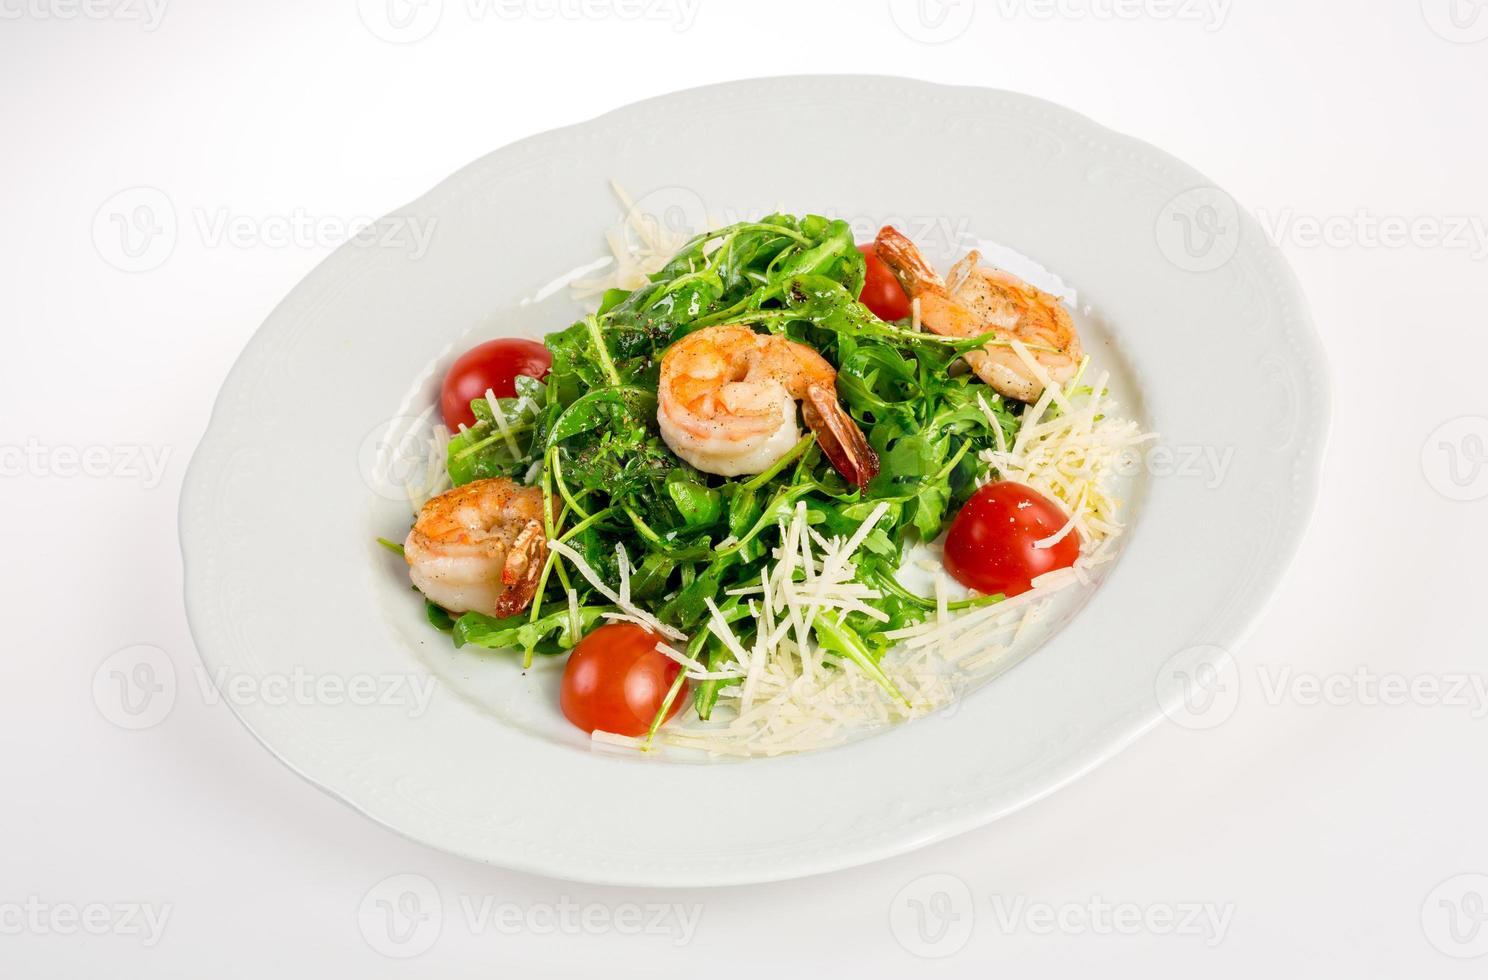 salade d'eruca et crevettes photo